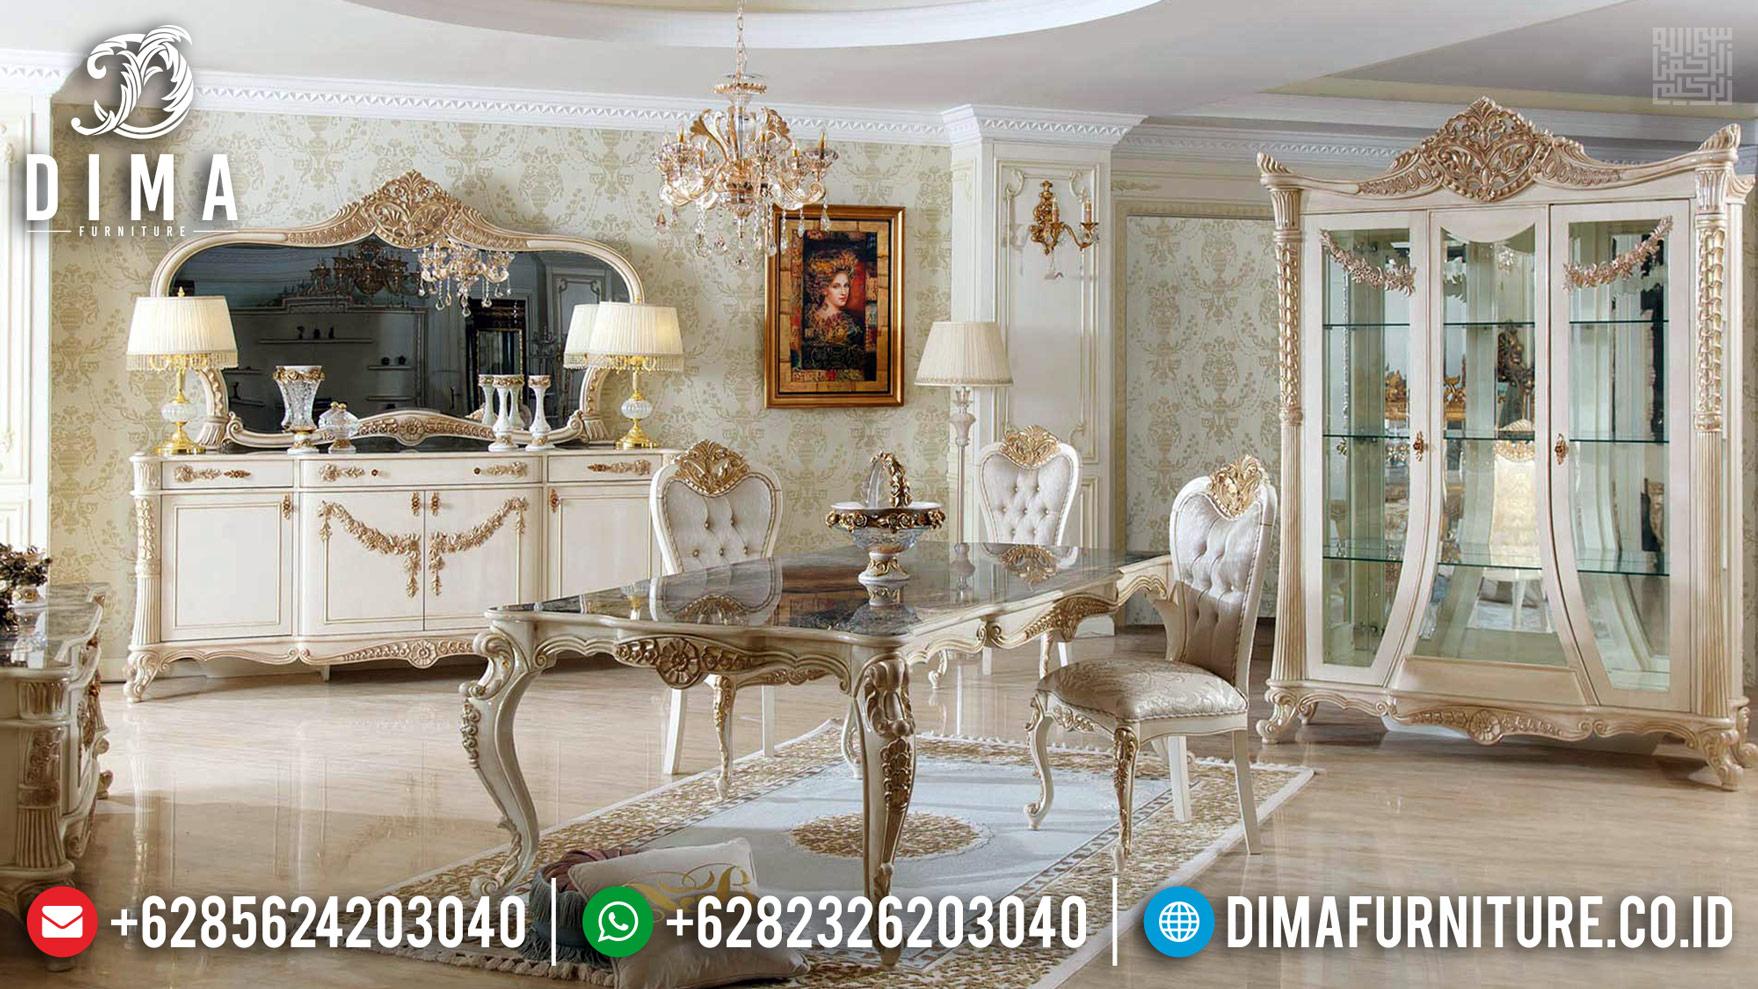 Harga Meja Makan Mewah Jepara Klasik Luxury Desain Berkualitas Mm-0738